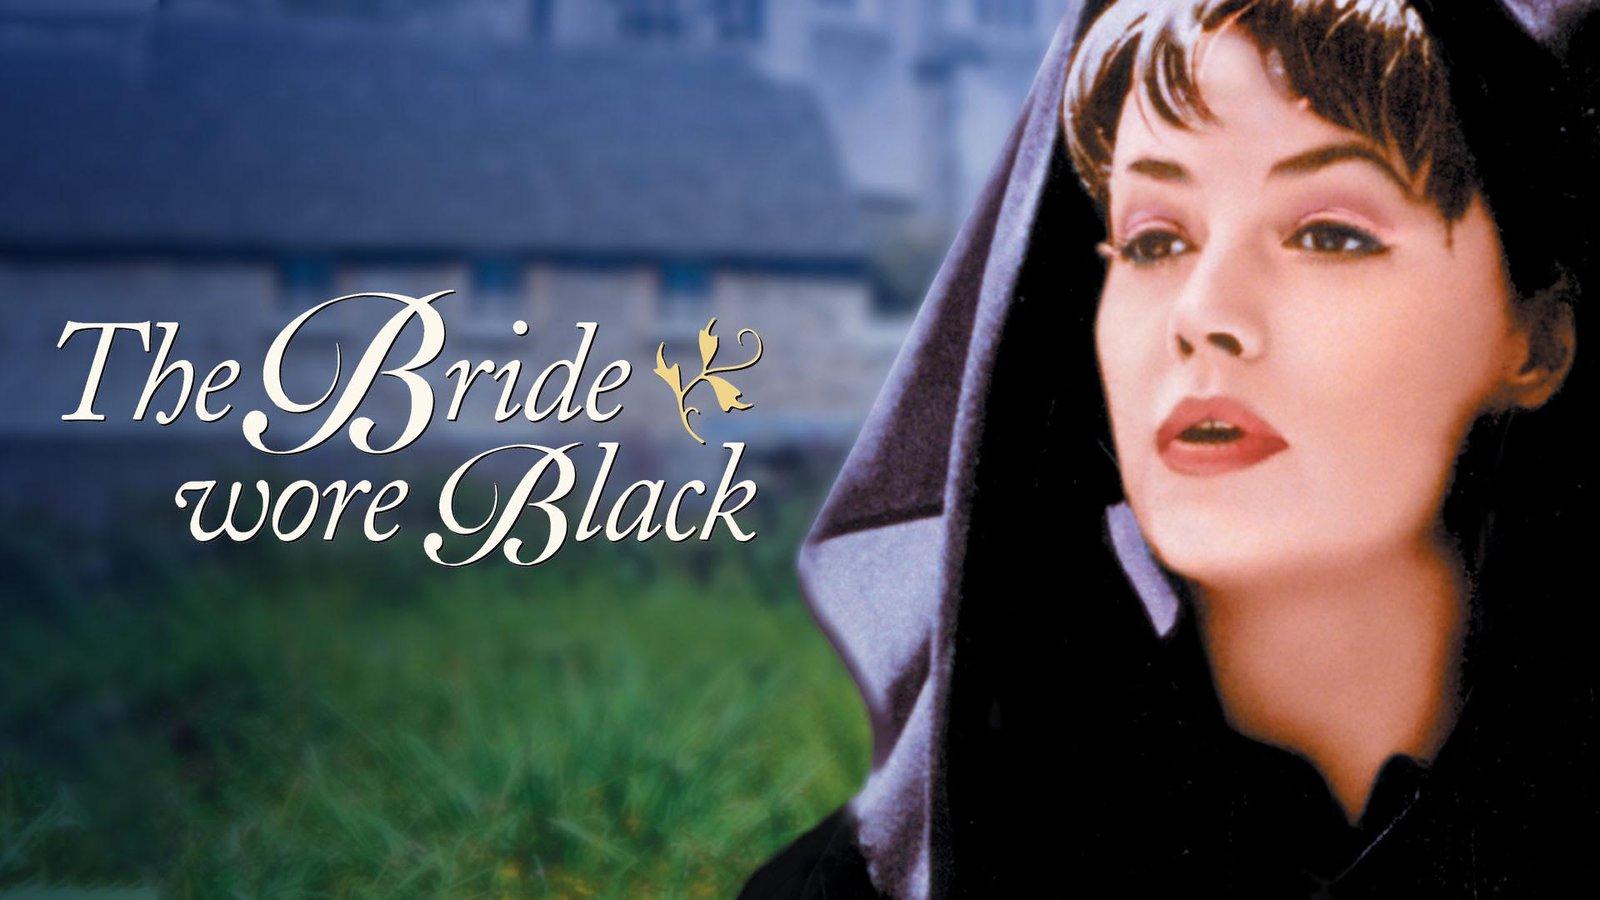 The Bride Wore Black - La mariée était en noir